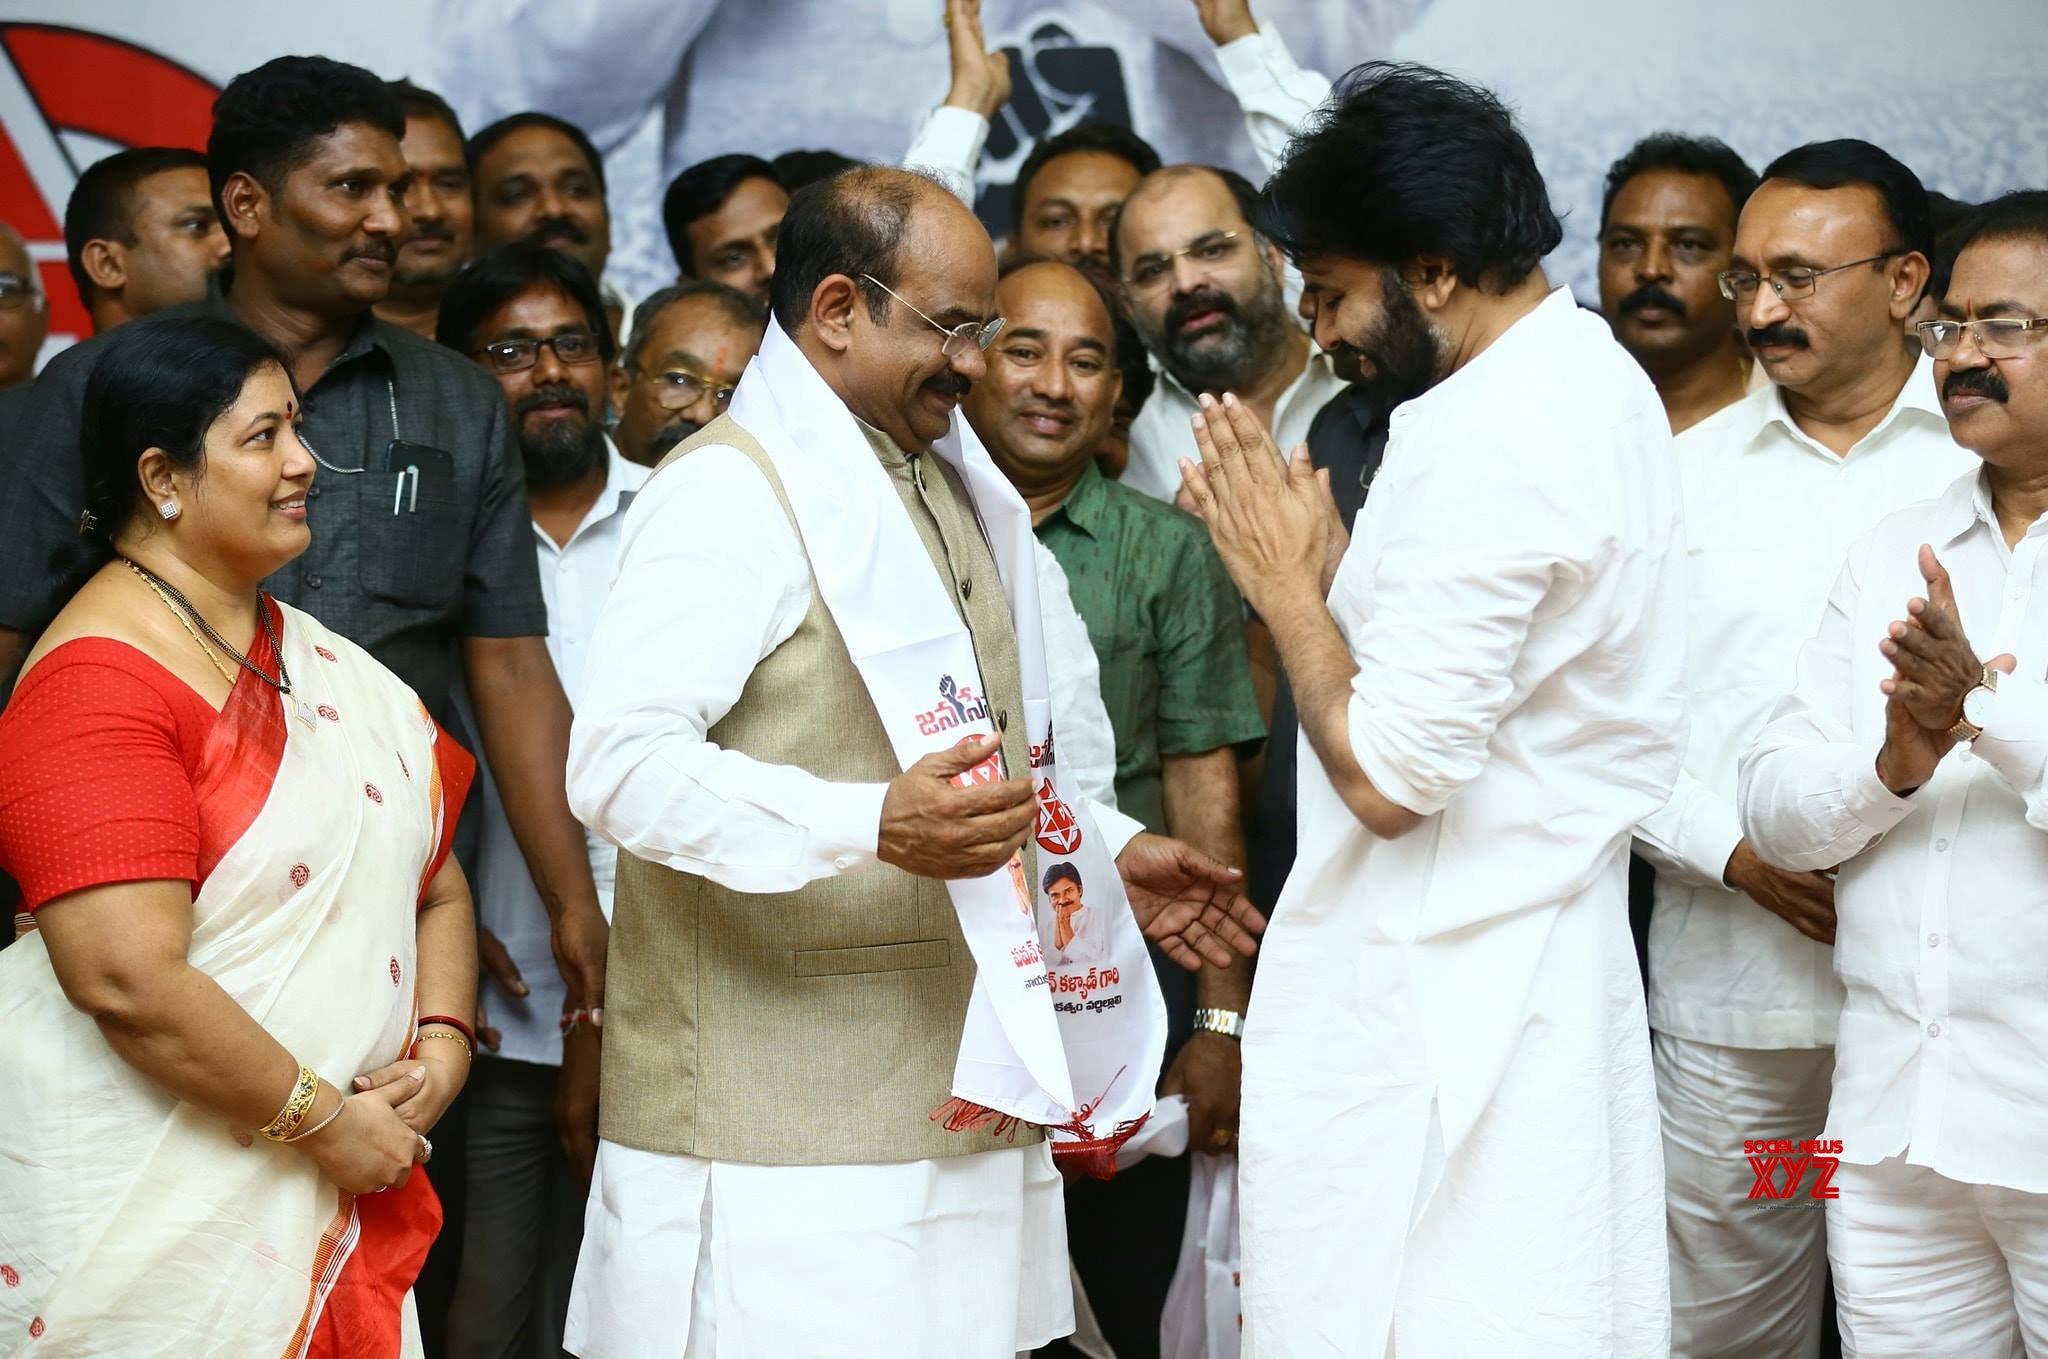 Janasena Chief Pawan Kalyan Welcomes BJP MLA Dr. Akula Satyanarayana Into Party - Gallery